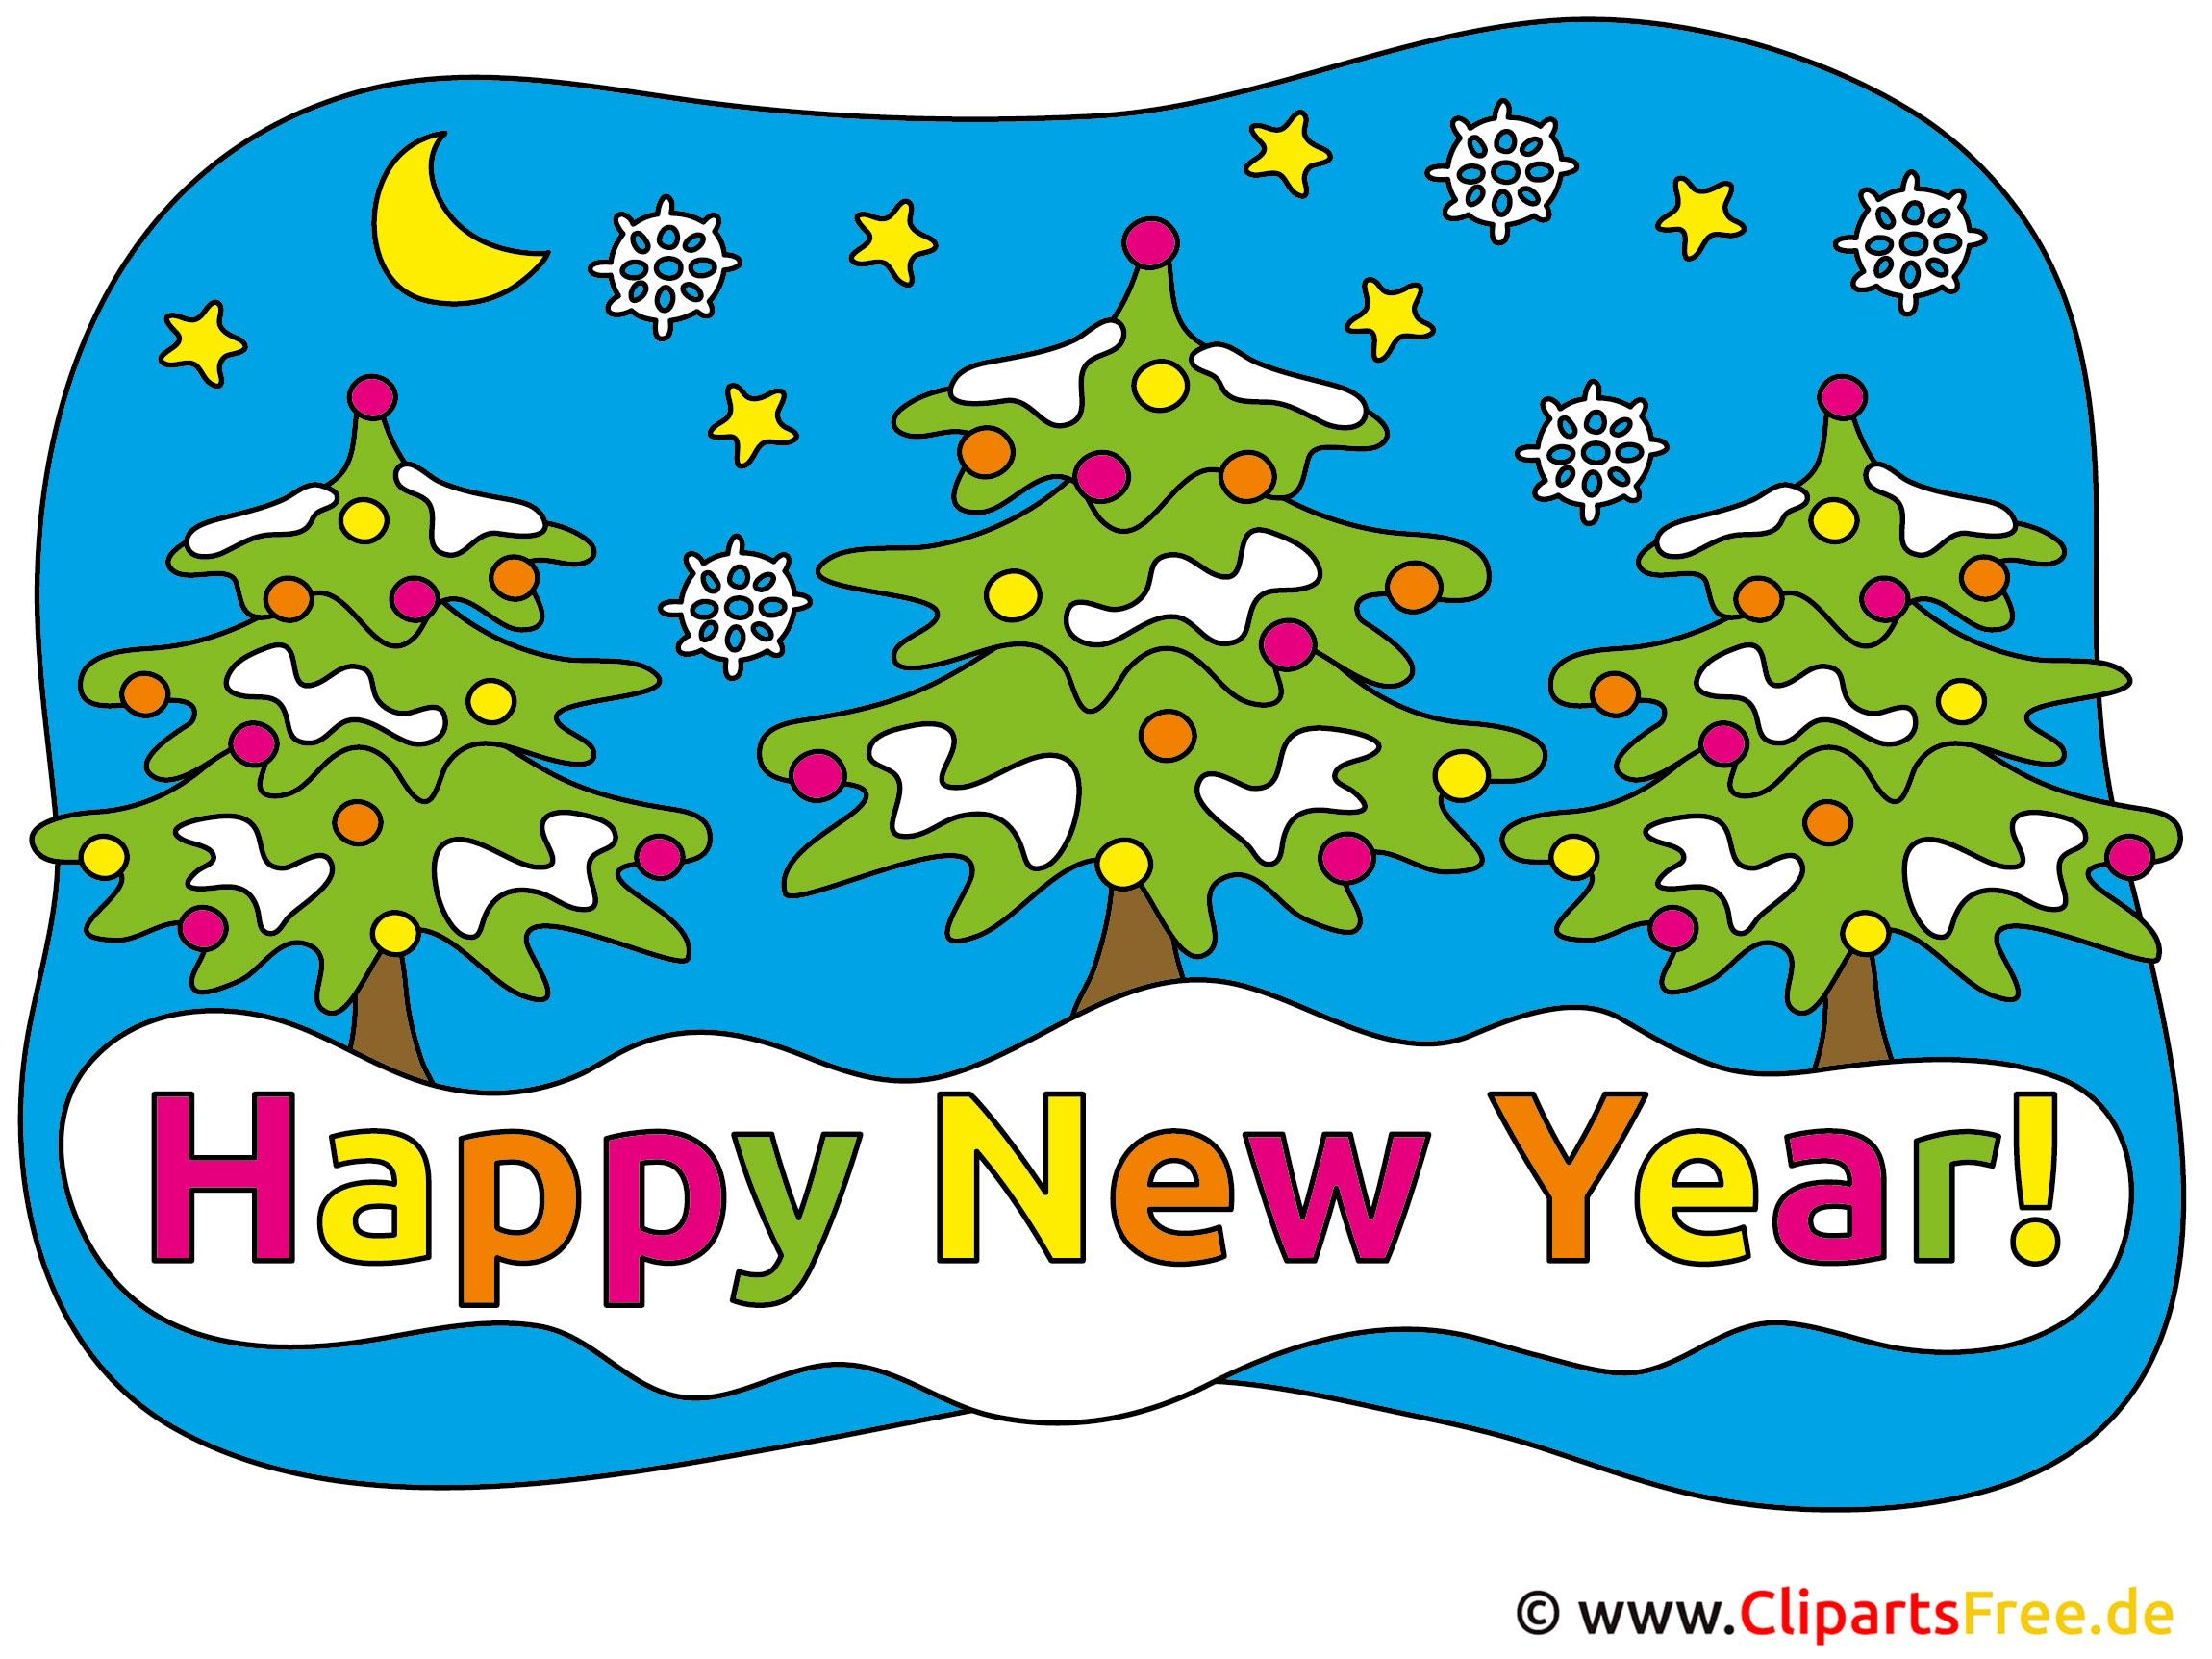 Neues Jahr Bilder in Englisch